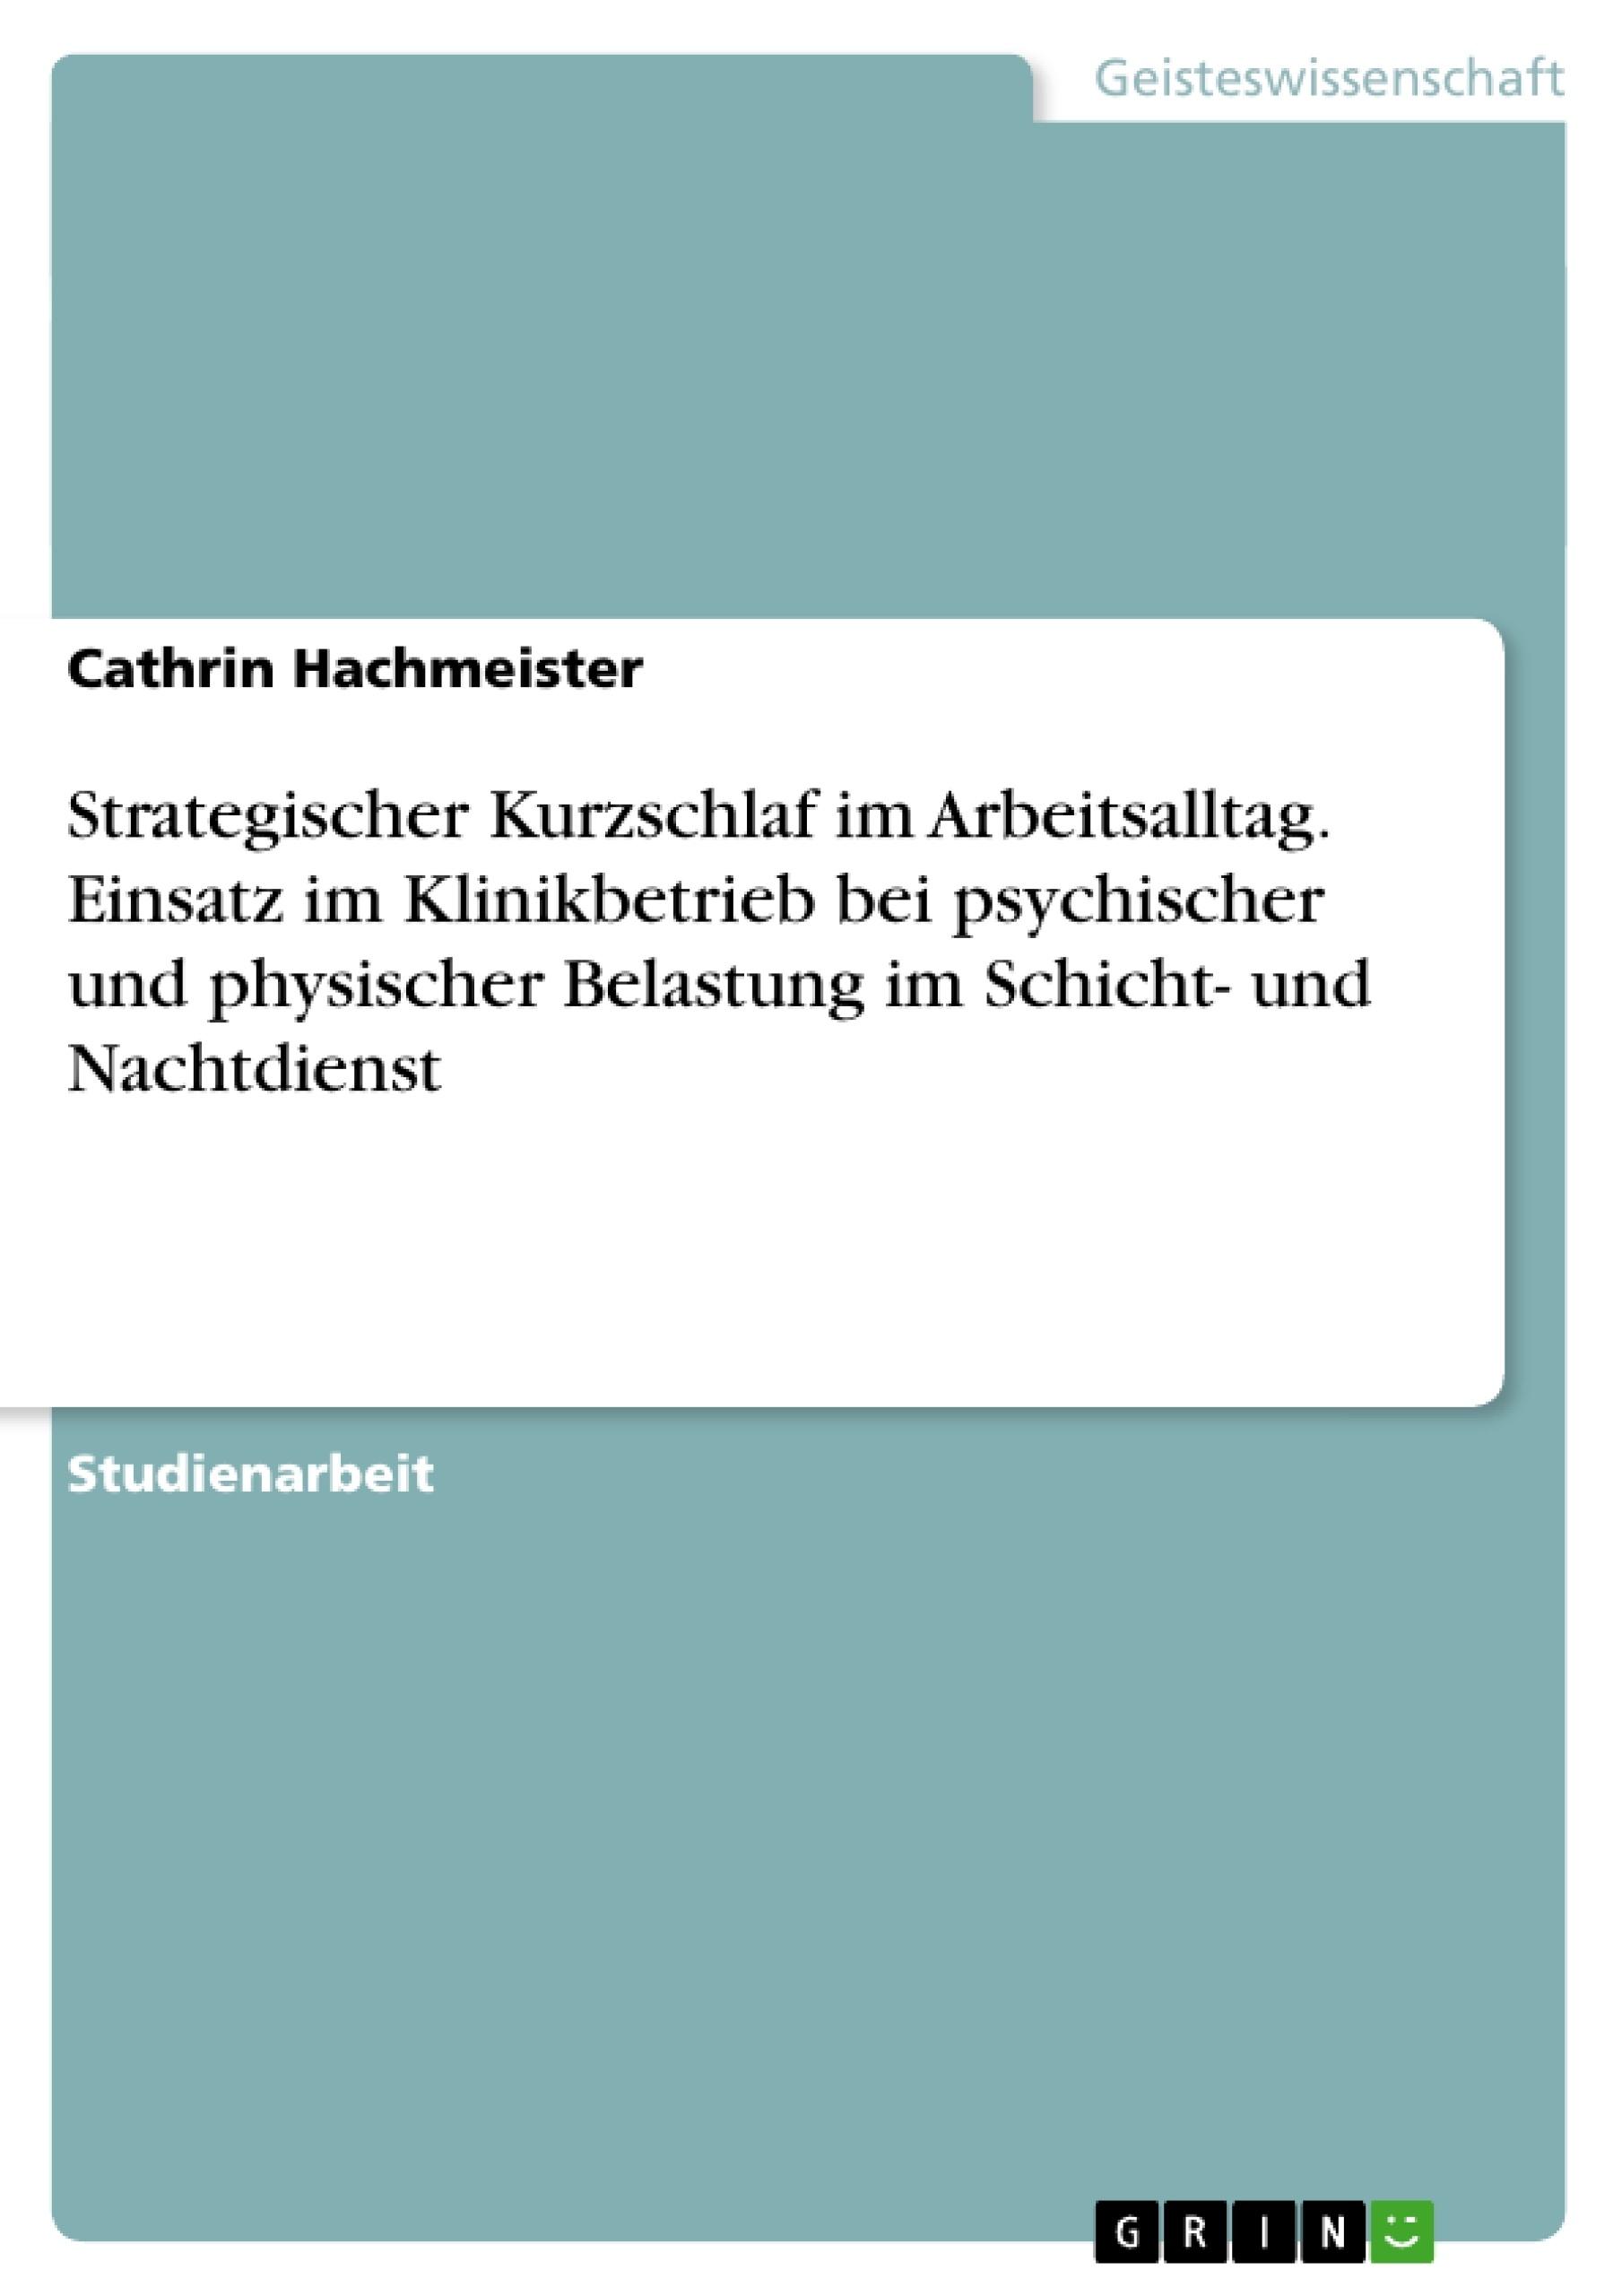 Titel: Strategischer Kurzschlaf im Arbeitsalltag. Einsatz im Klinikbetrieb bei psychischer und physischer Belastung im Schicht- und Nachtdienst